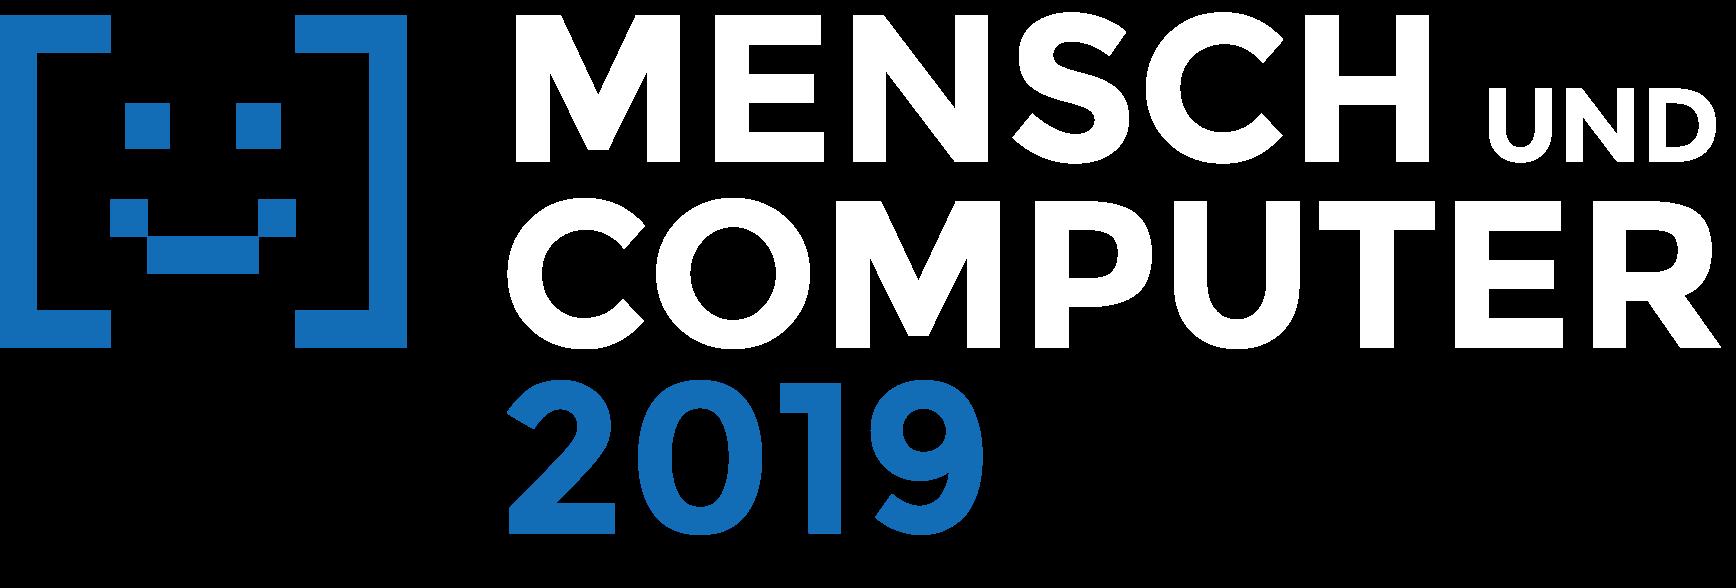 Mensch und Computer 2019